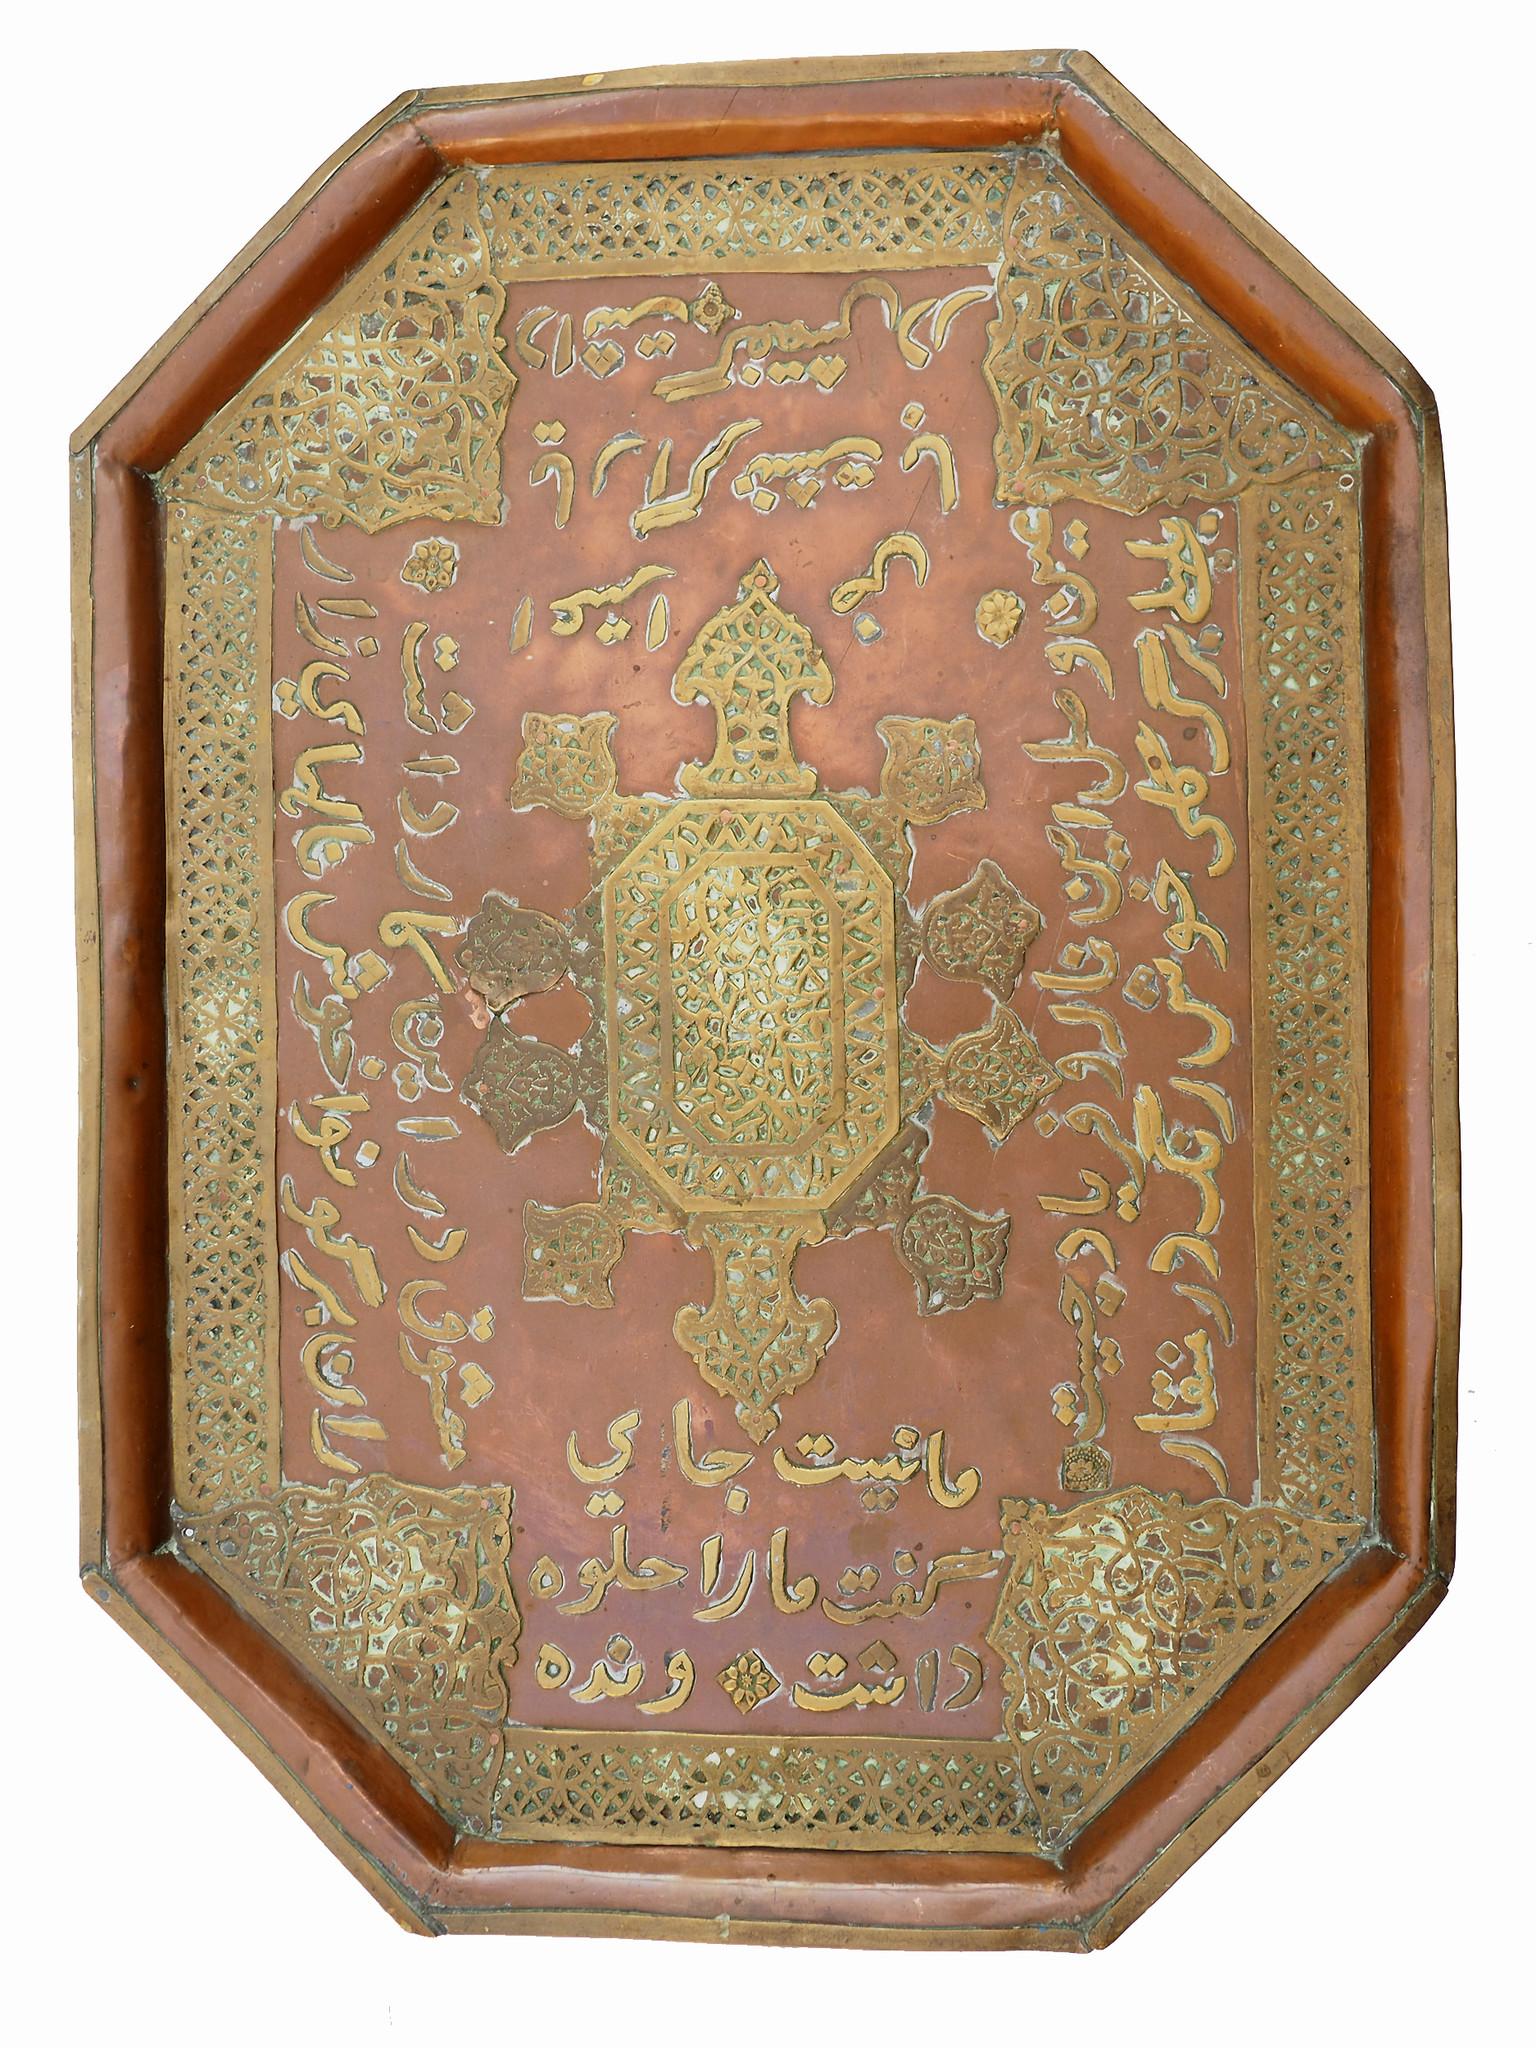 Antike islamische Kupfer Tablet serviertablett  mit Messing  Intarsien  Arabische Schrift Hafiz Gedichte Kaschmir 1327